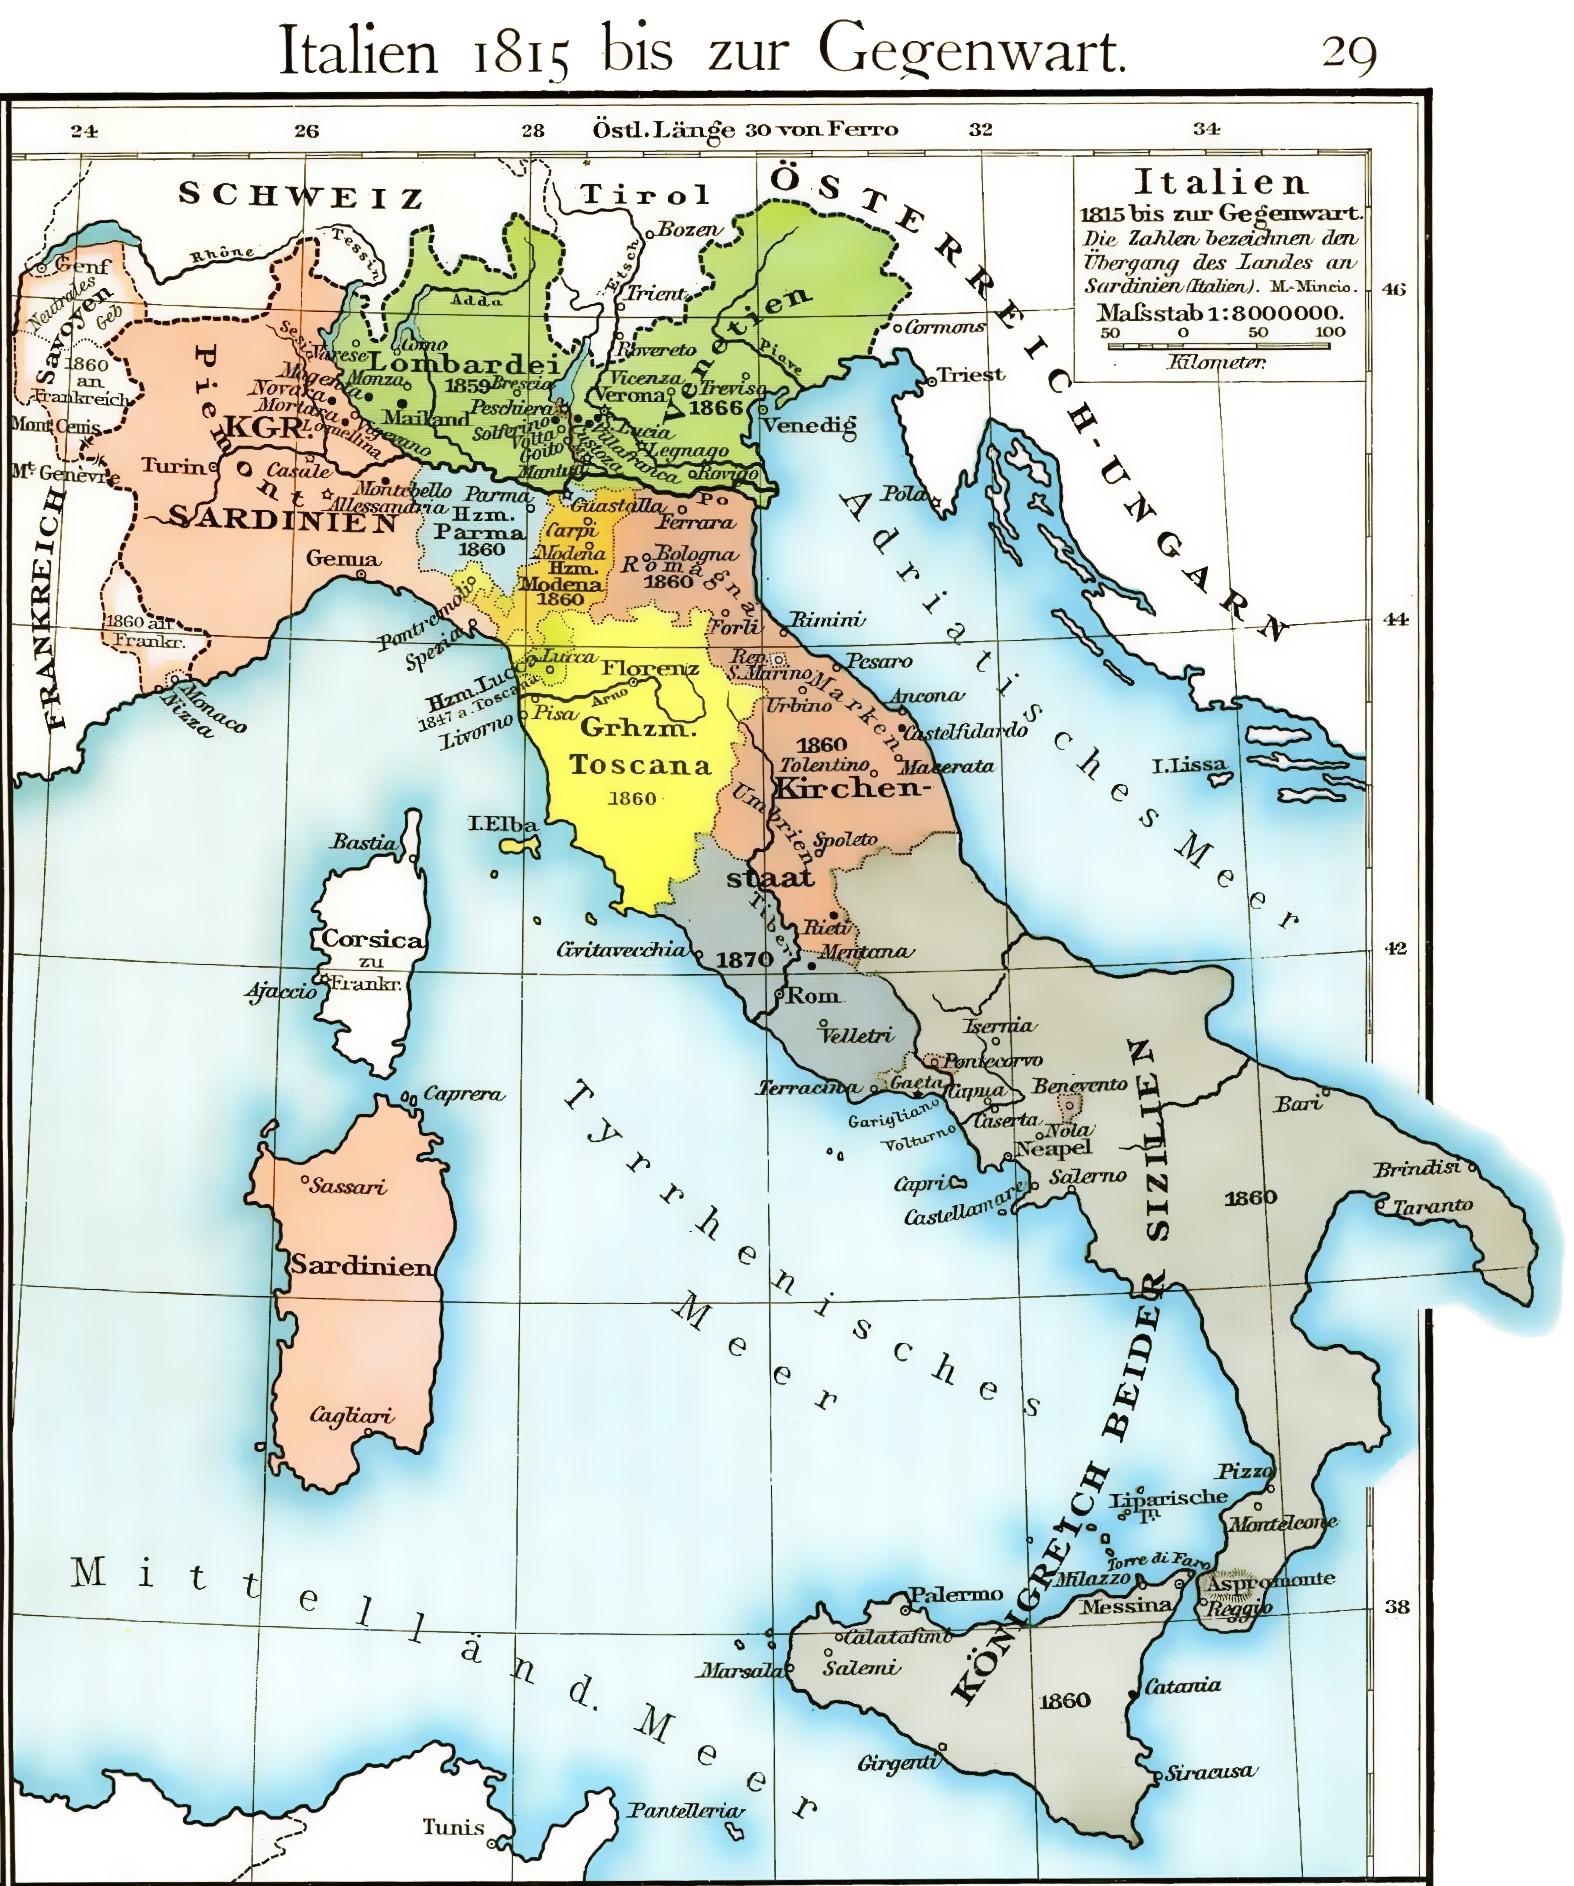 Cartina Dell Italia Nel 1815.File Volkerkarte Von Mittel Und Sudosteuropa Italien 1815